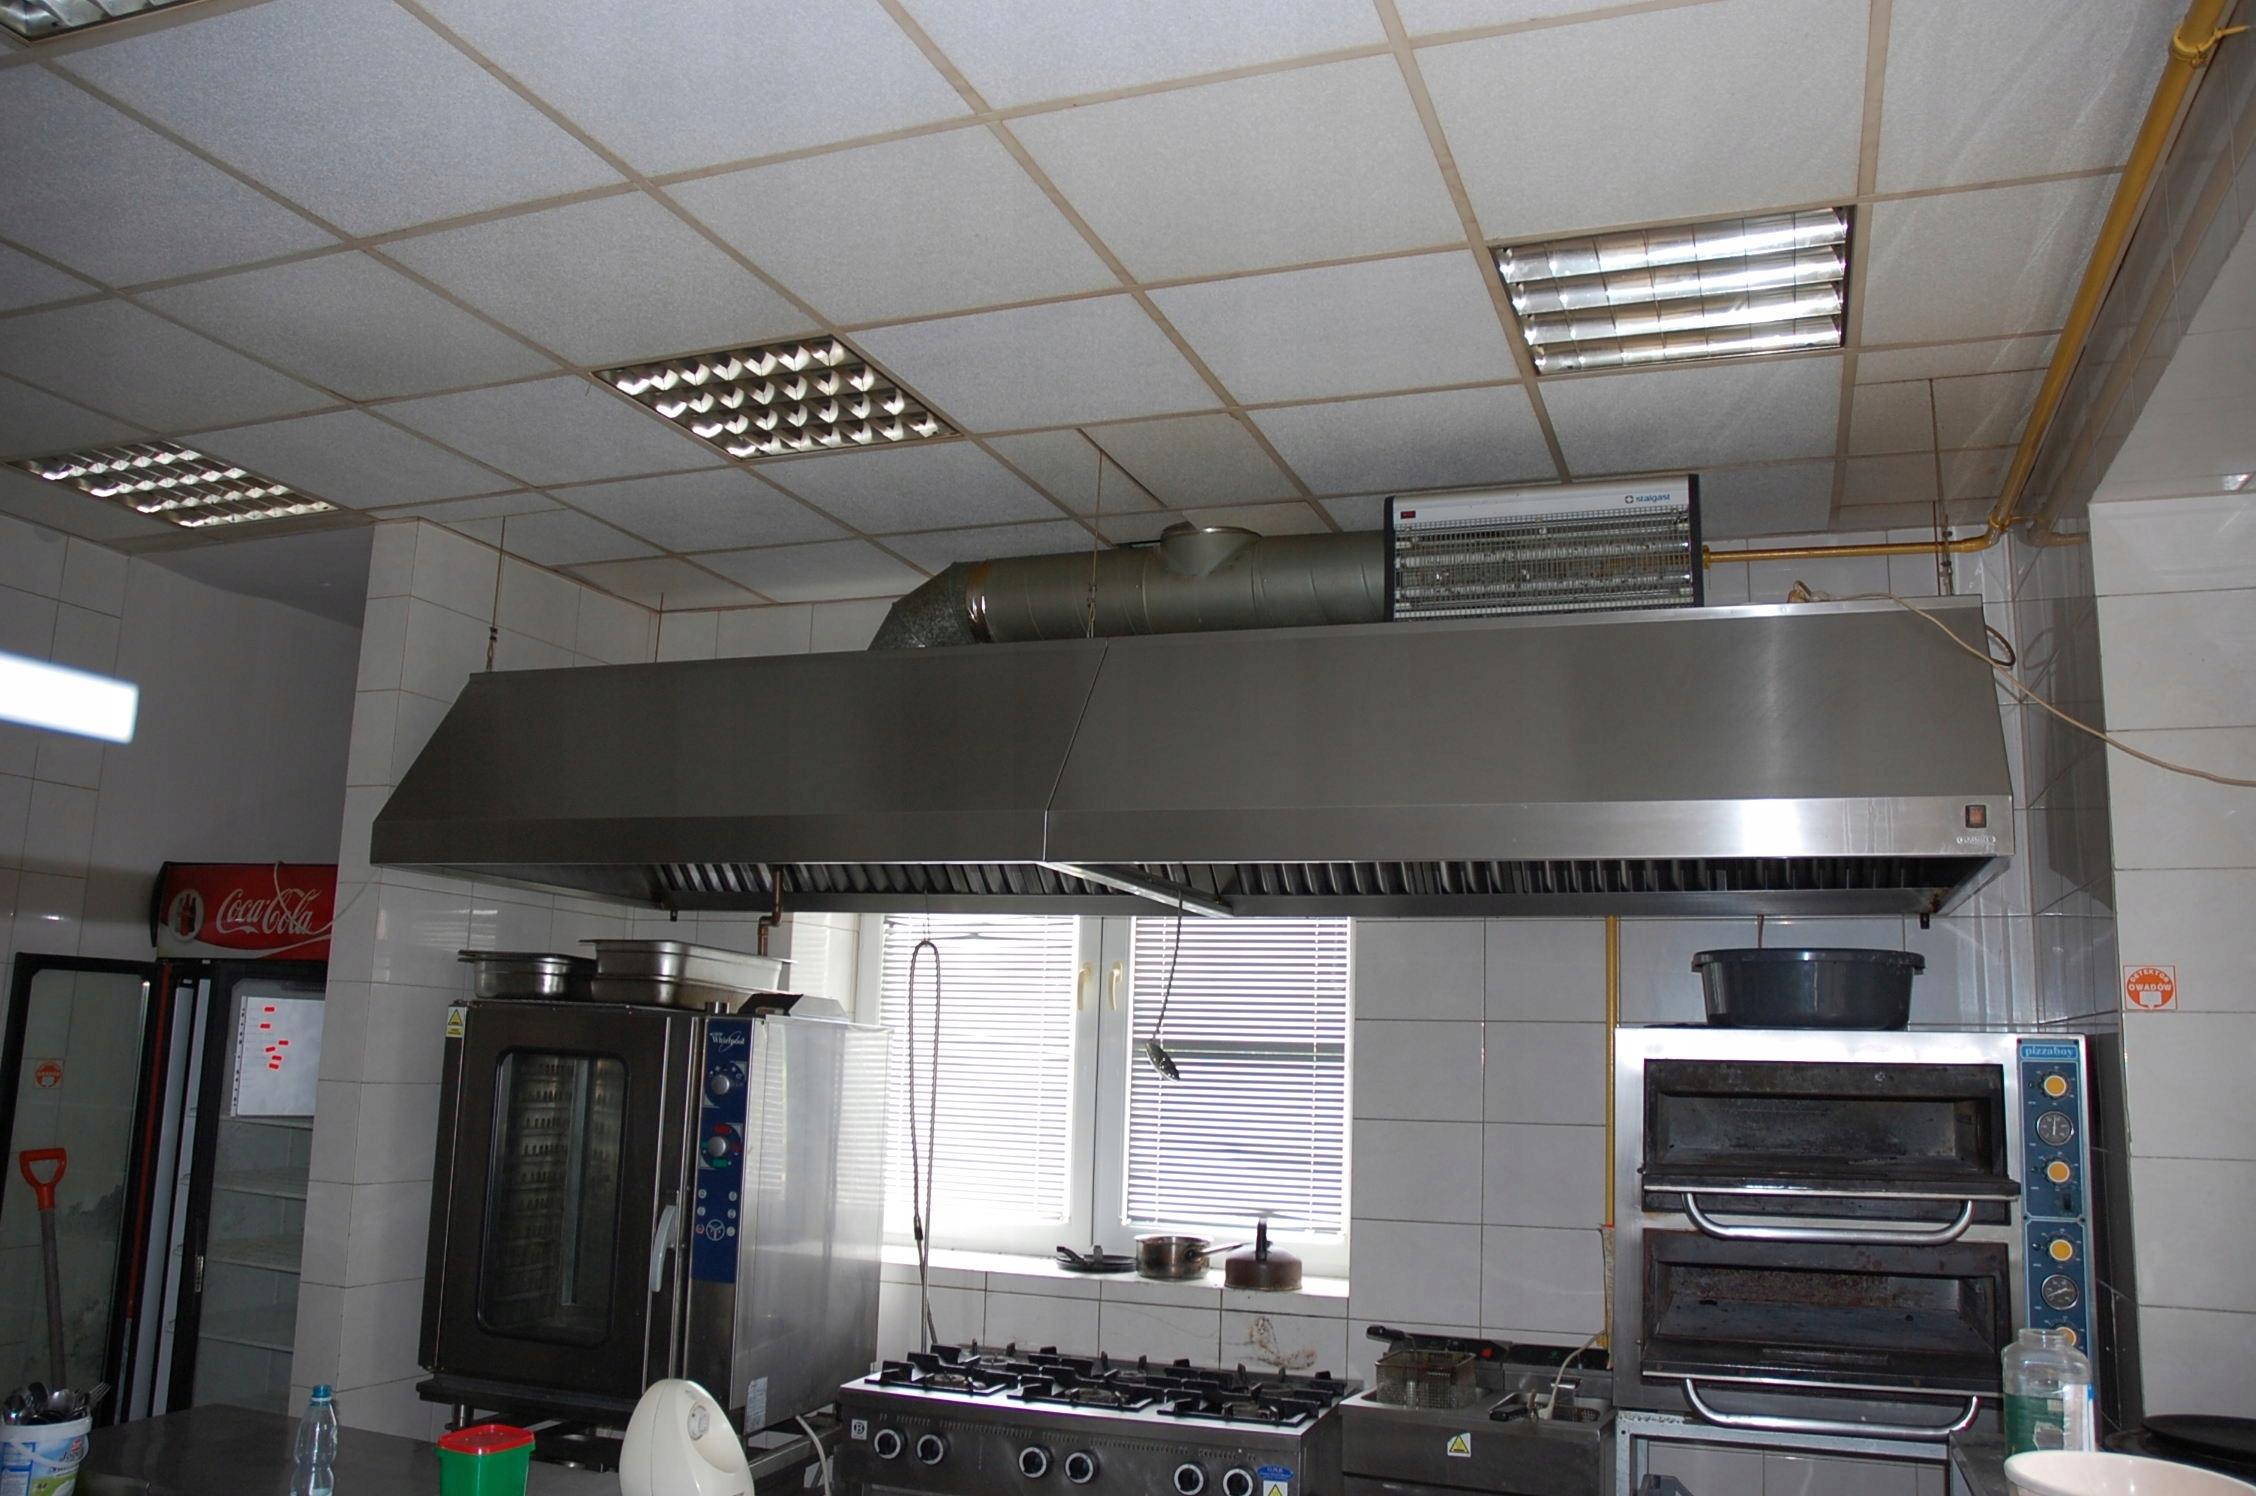 Stol Nierdzewka Kuchnia Zmywak Wyposazenie 7482055680 Oficjalne